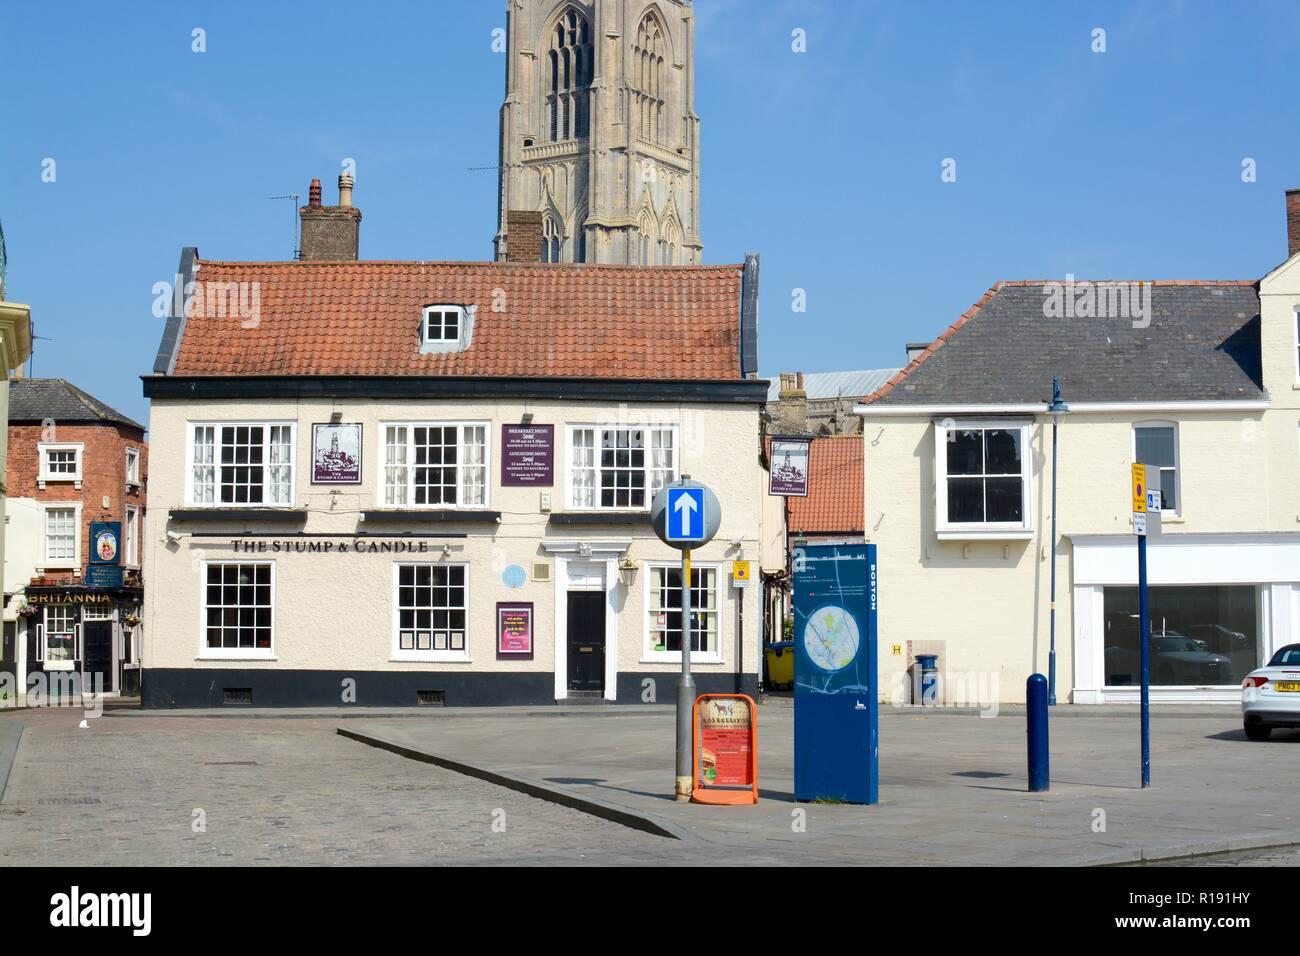 Lincolnshire incontri agenzie